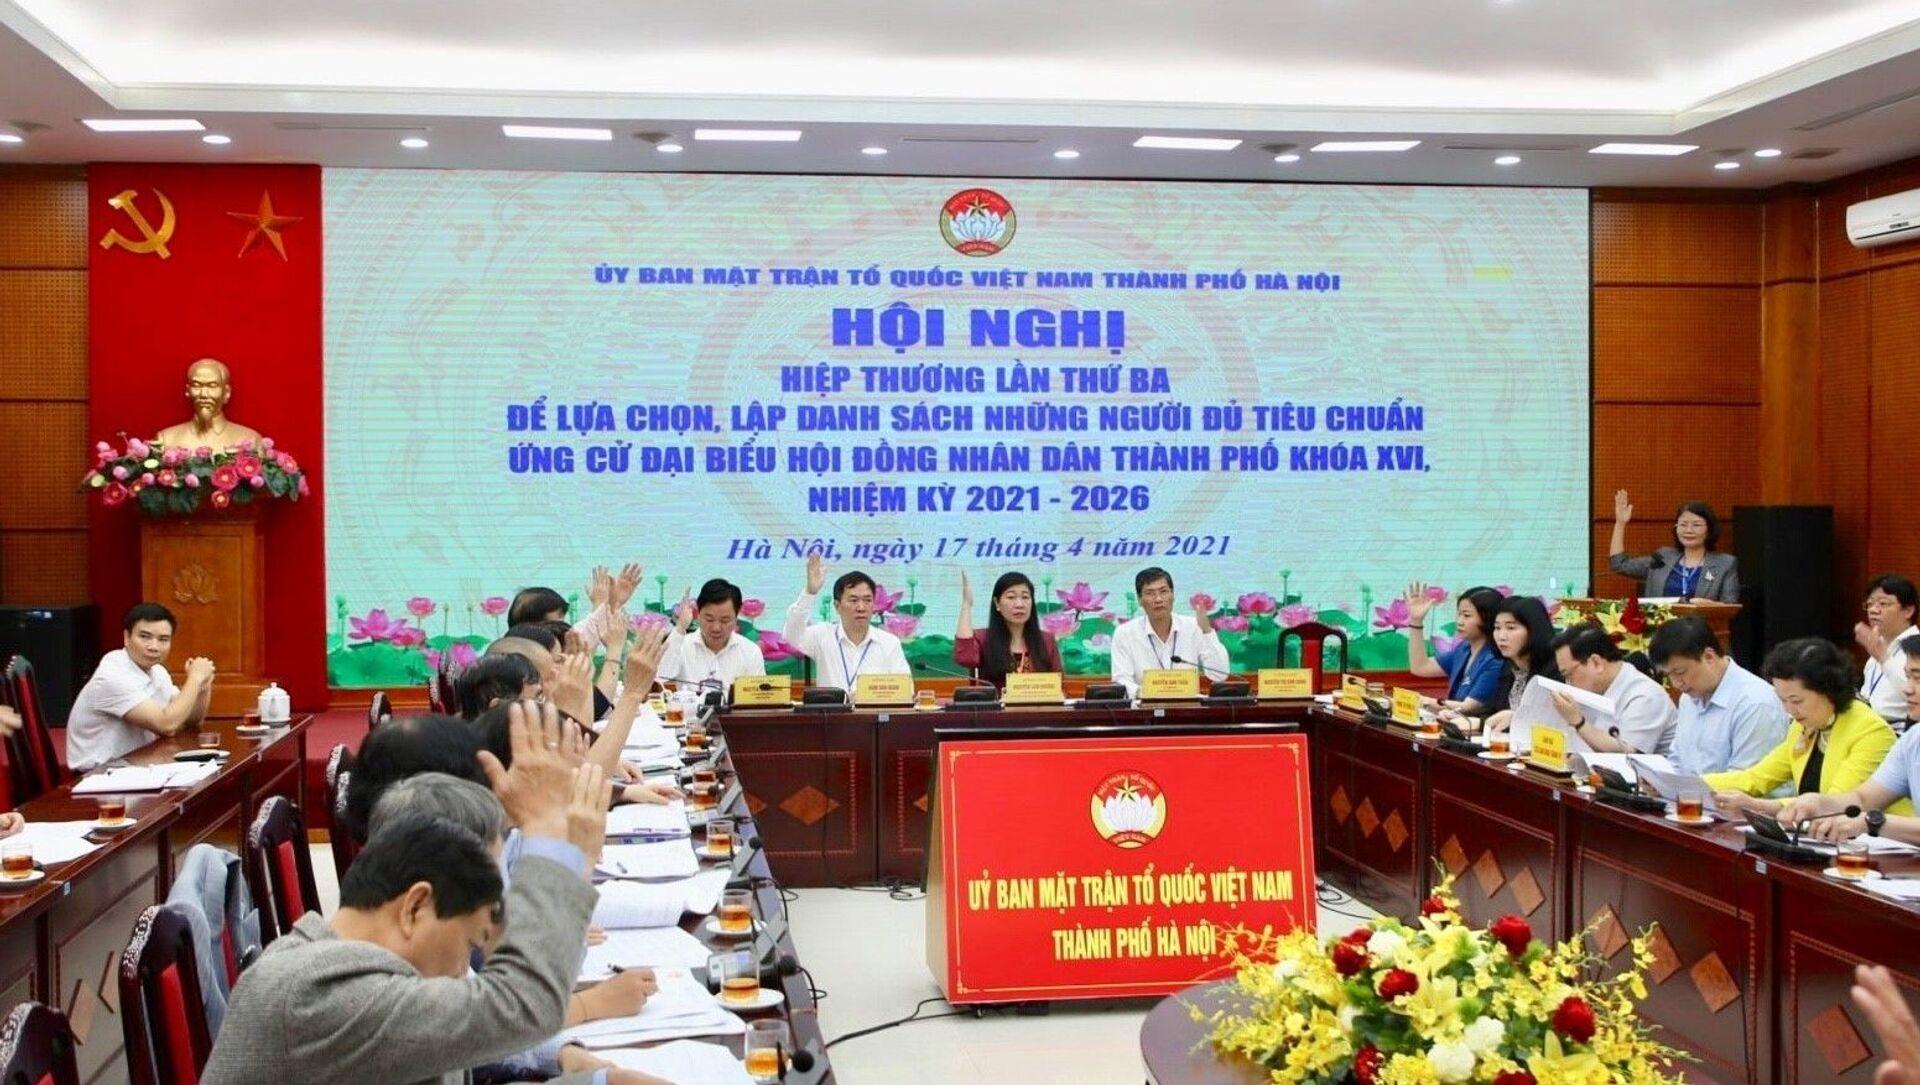 Các đại biểu giơ tay biểu quyết thống nhất danh sách chính thức 160 ứng cử viên đại biểu HĐND thành phố Hà Nội khóa XVI - Sputnik Việt Nam, 1920, 18.04.2021